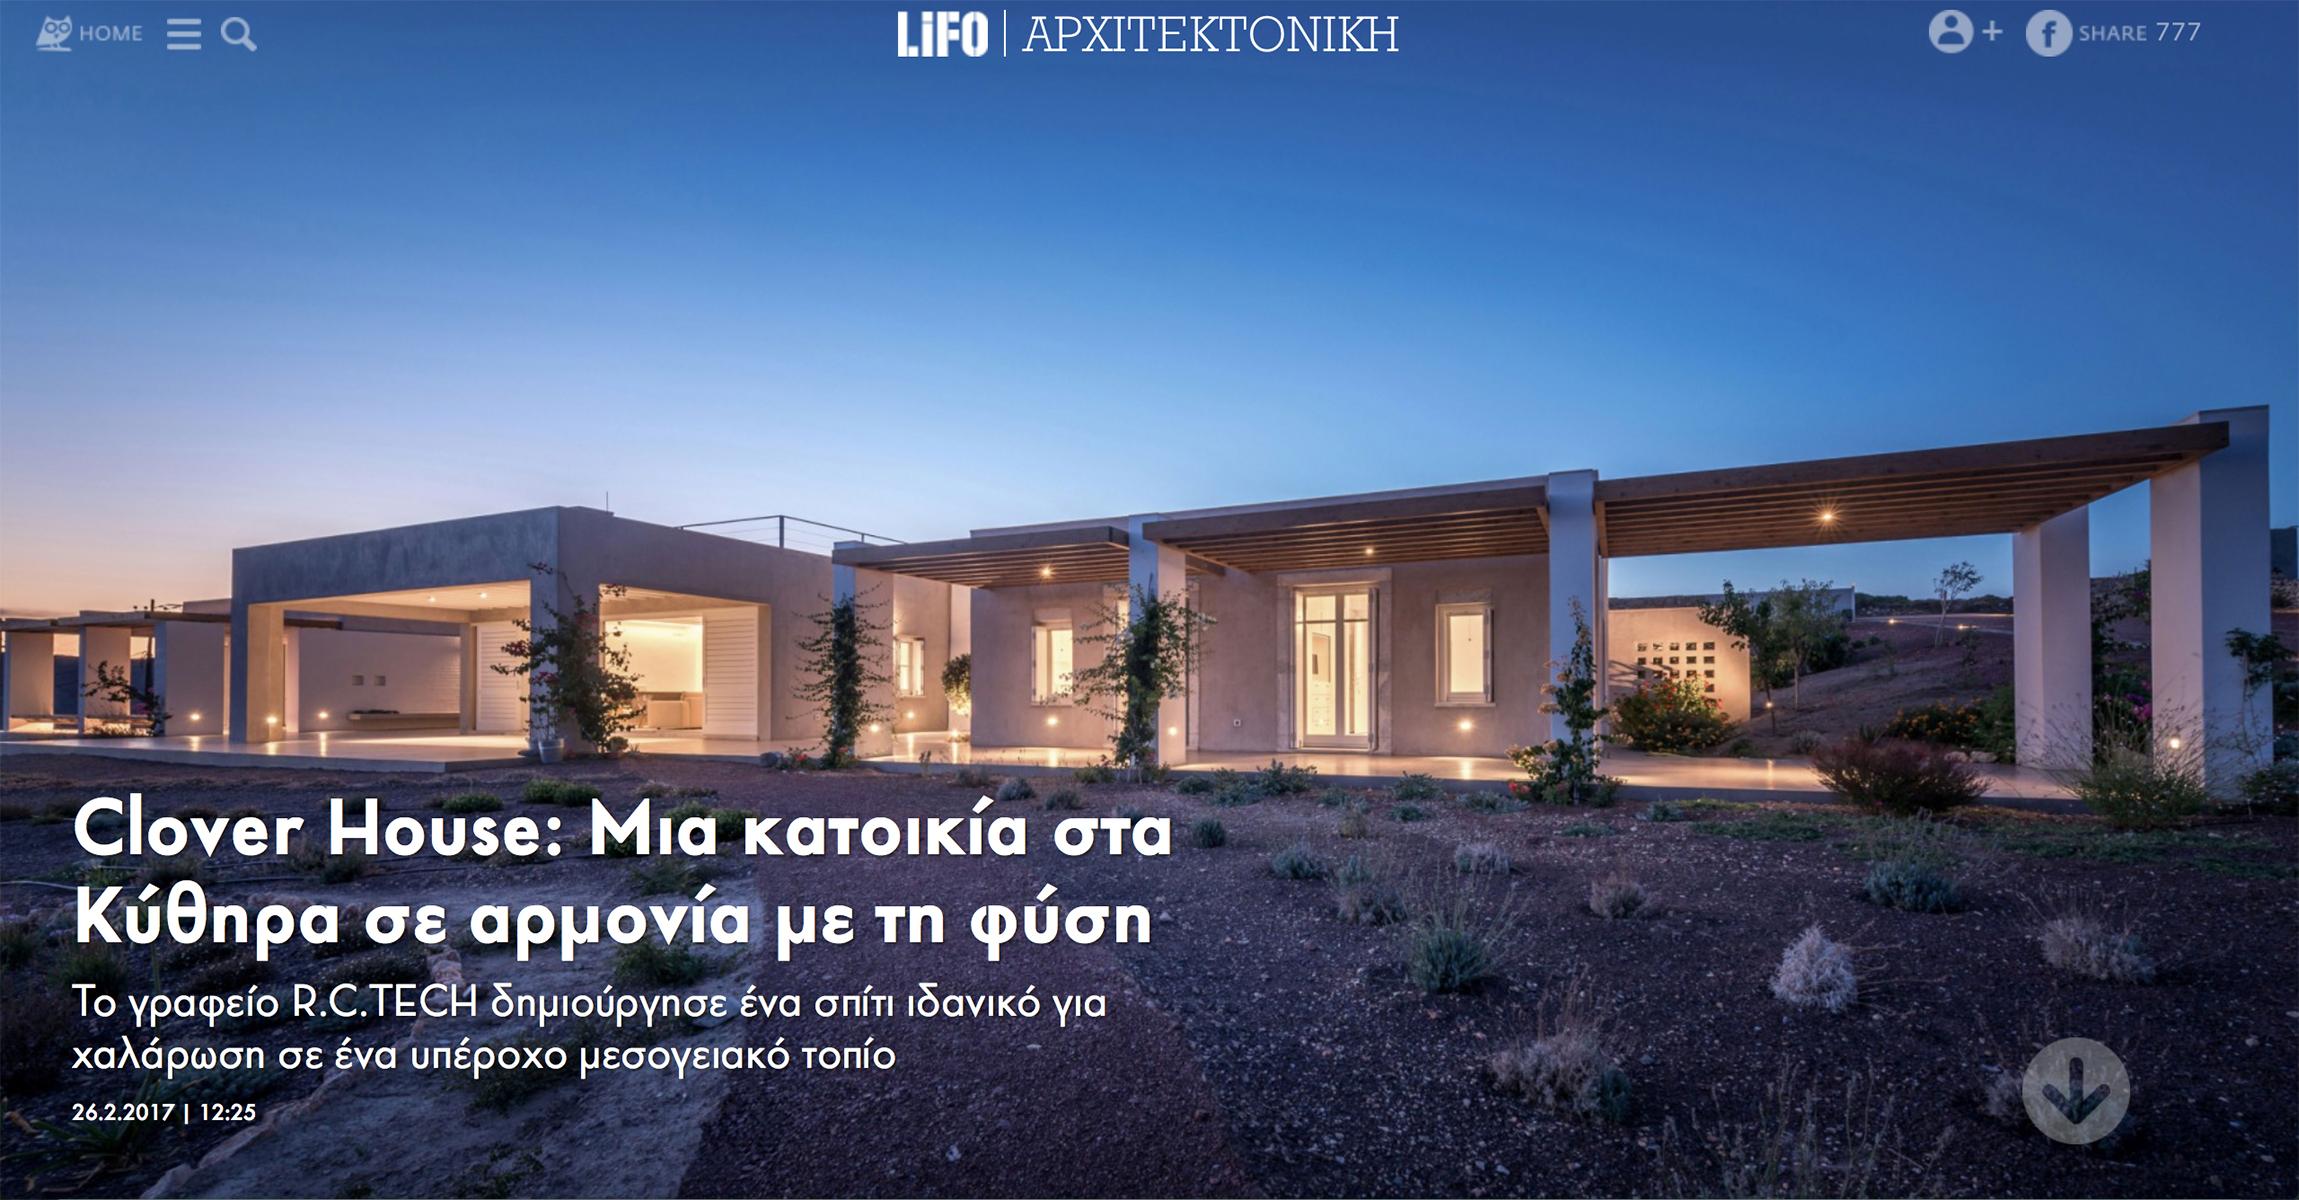 lifo clover house